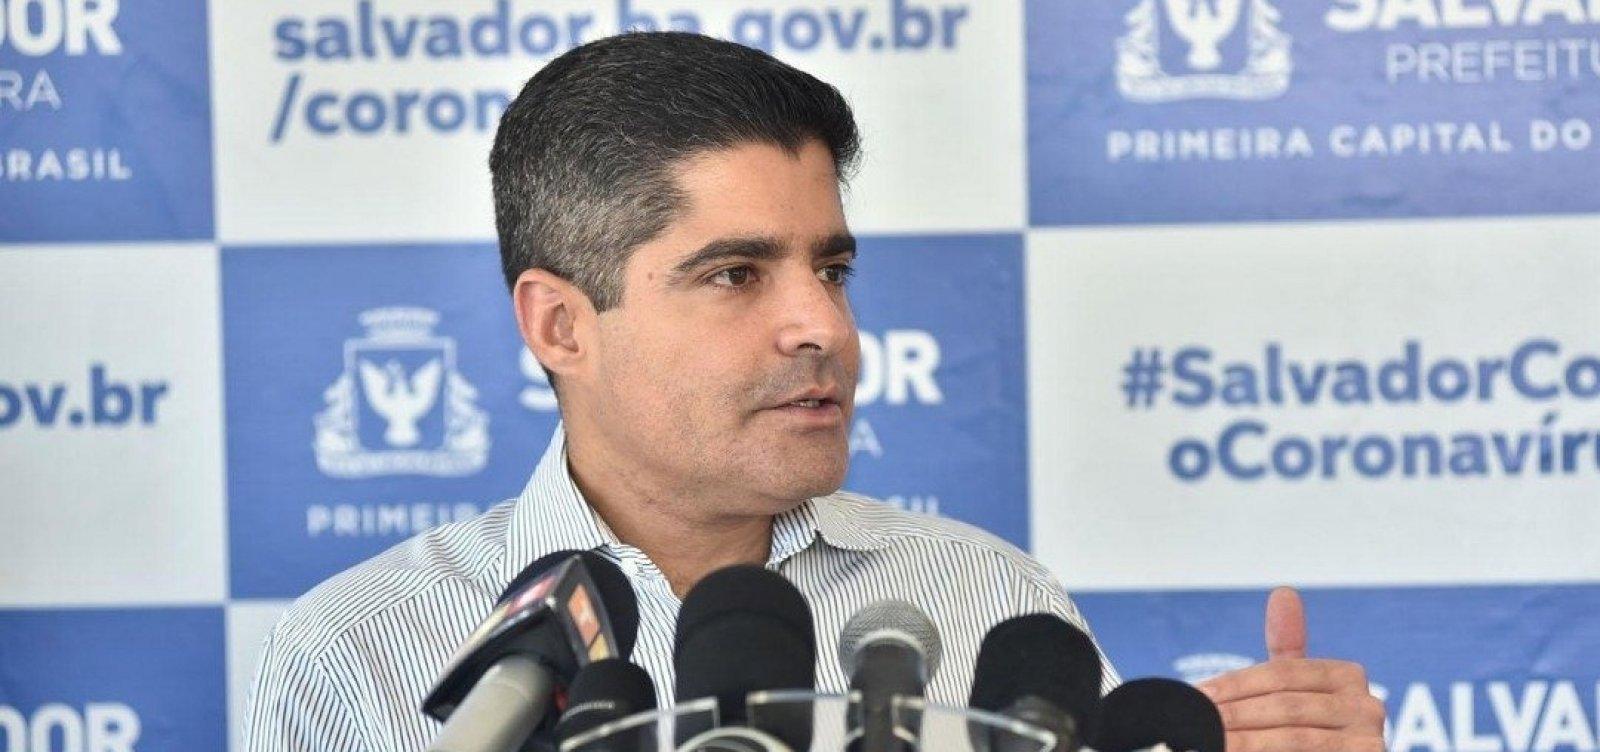 Coronavírus: ACM Neto diz que é possível que Salvador mantenha platô por três semanas